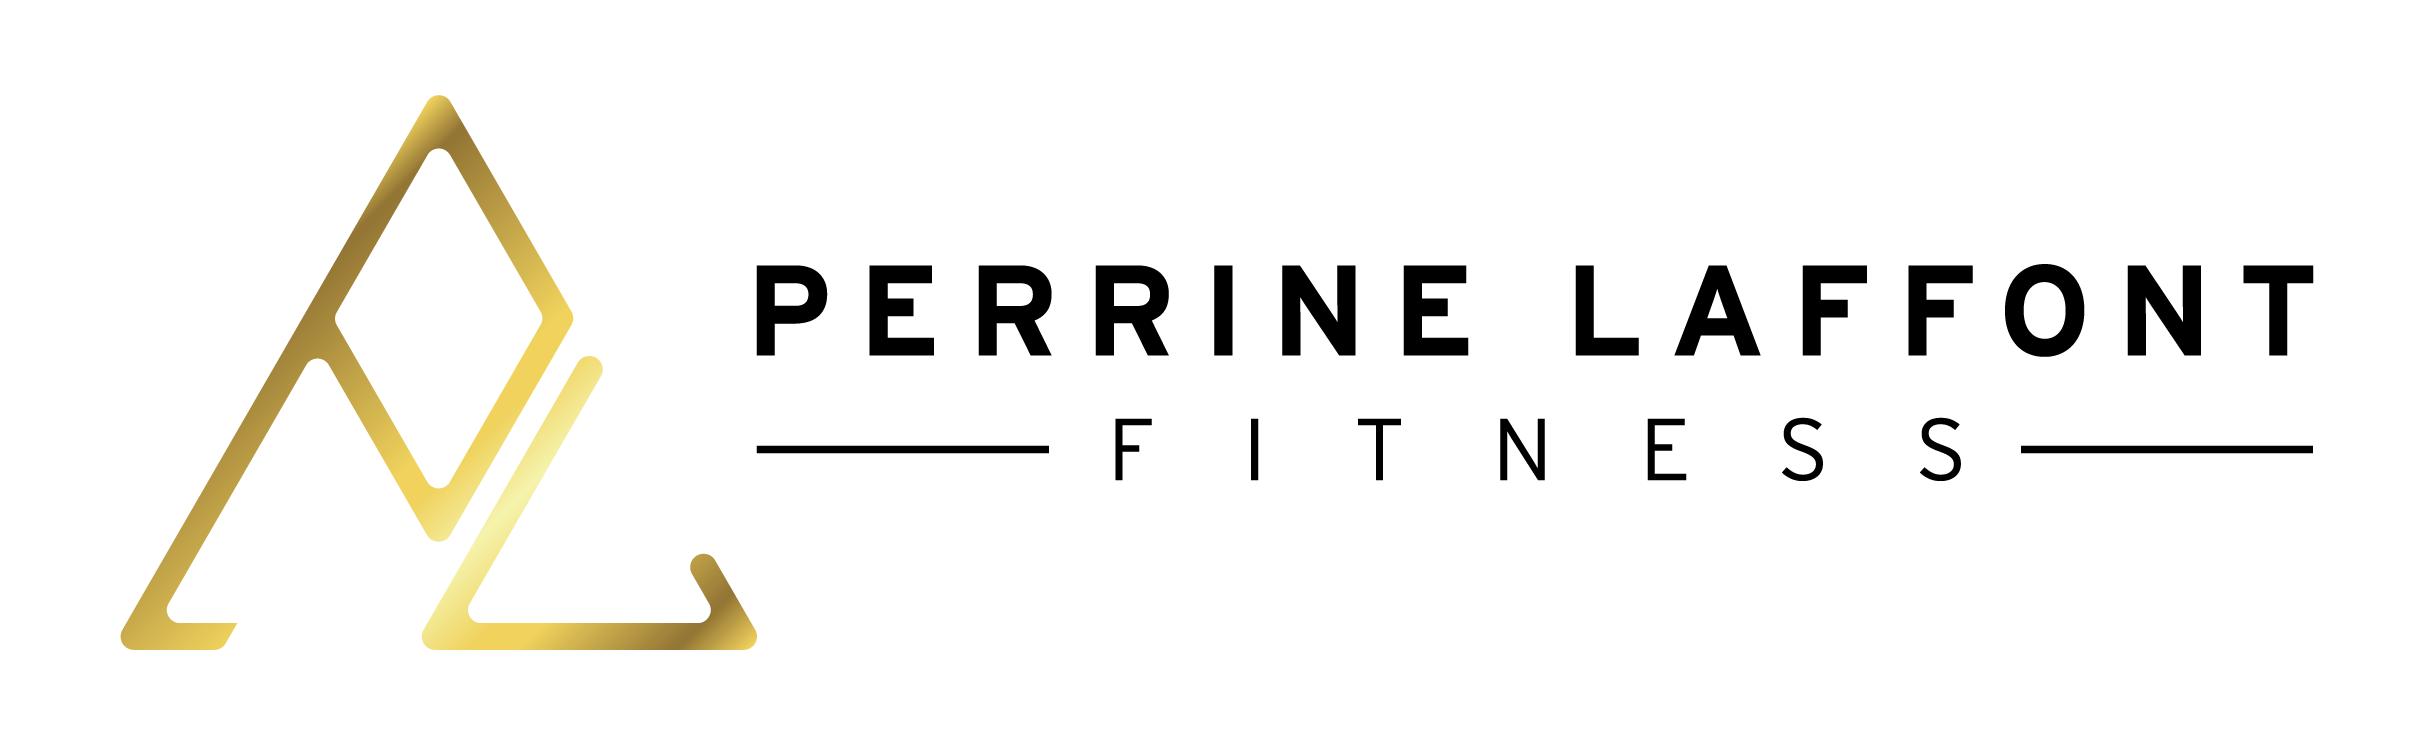 Perrine Laffont Fitness